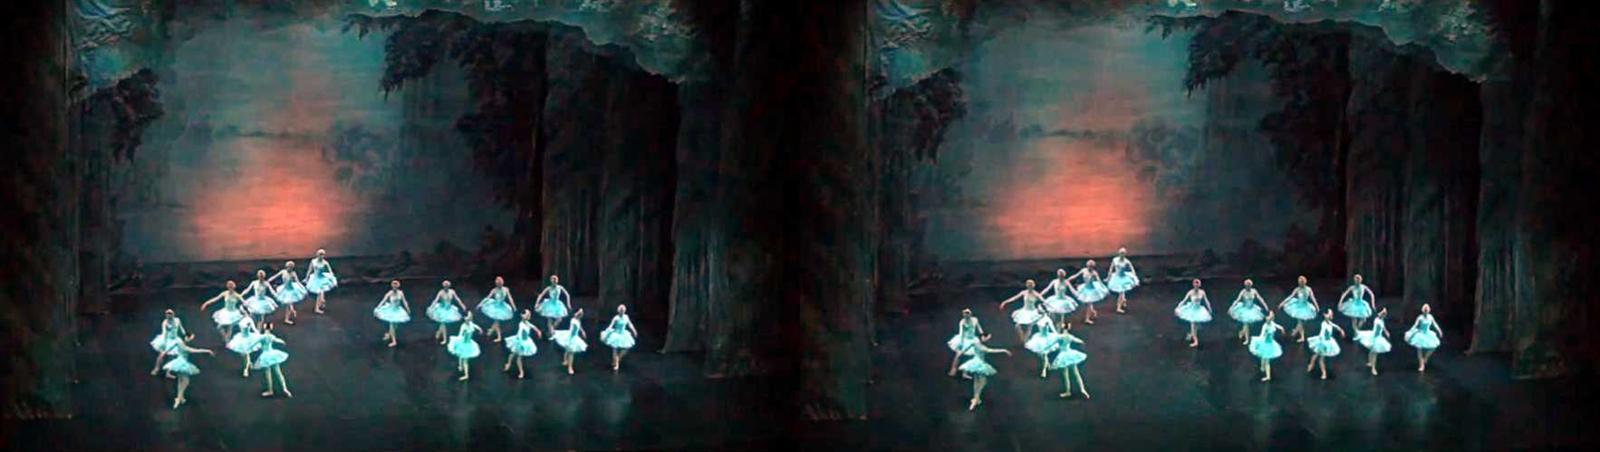 【原创】芭蕾舞剧《天鹅湖湖》截屏2